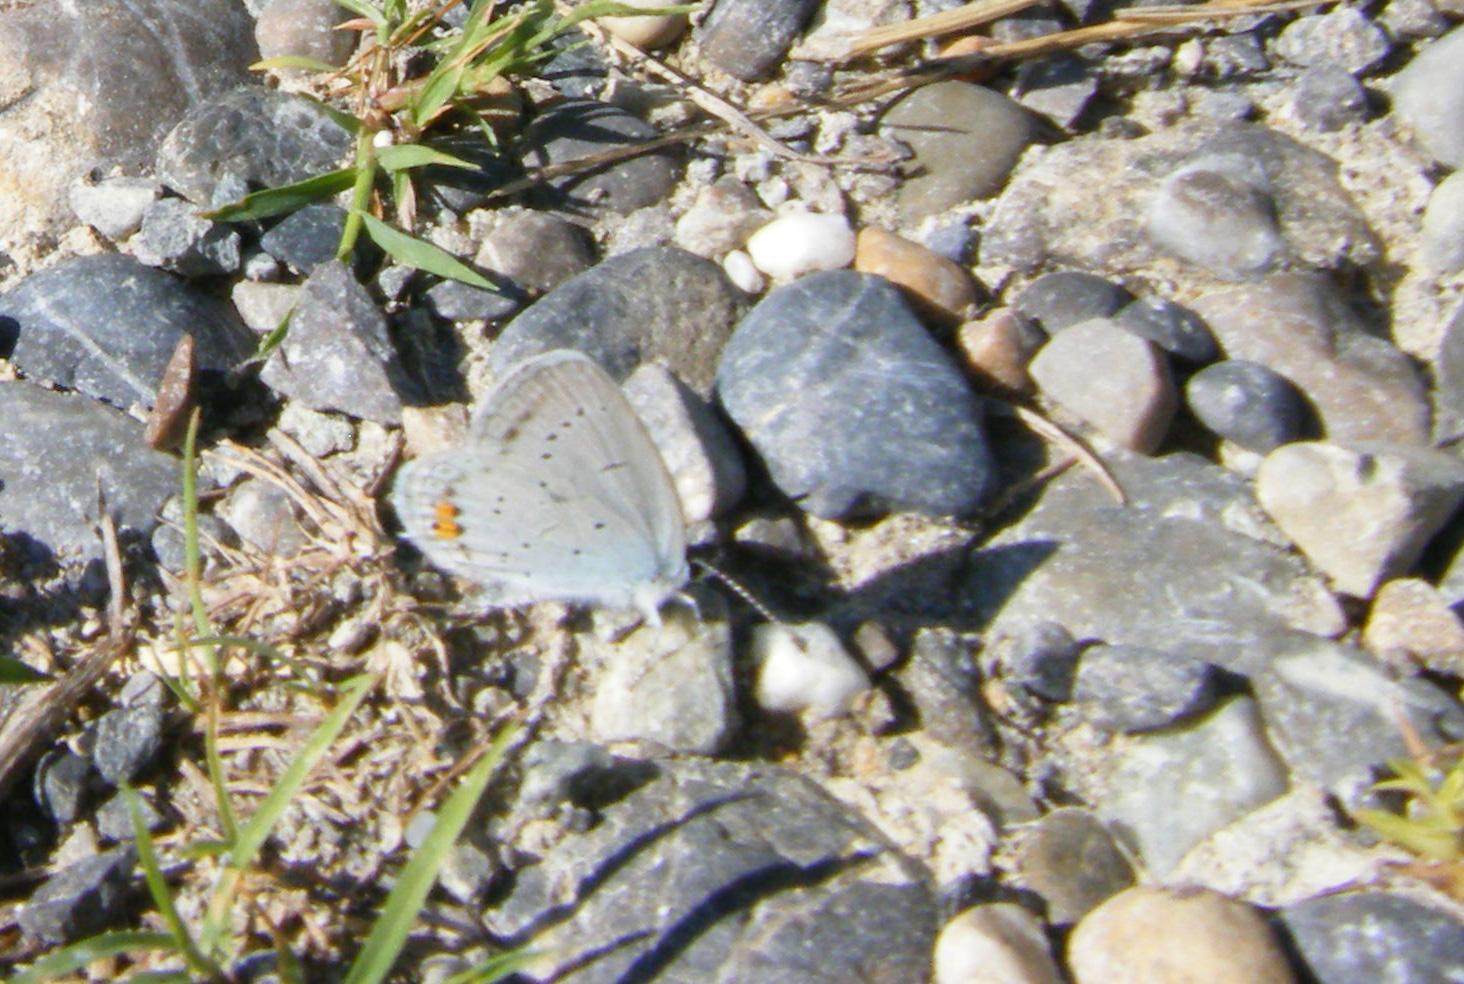 zwischen den Steinen vor Fressfeinden gut getarnt. Das kleine, weisse Flügelschwänzchen ist gegen den dunklen Hintergrund gut zu erkennen